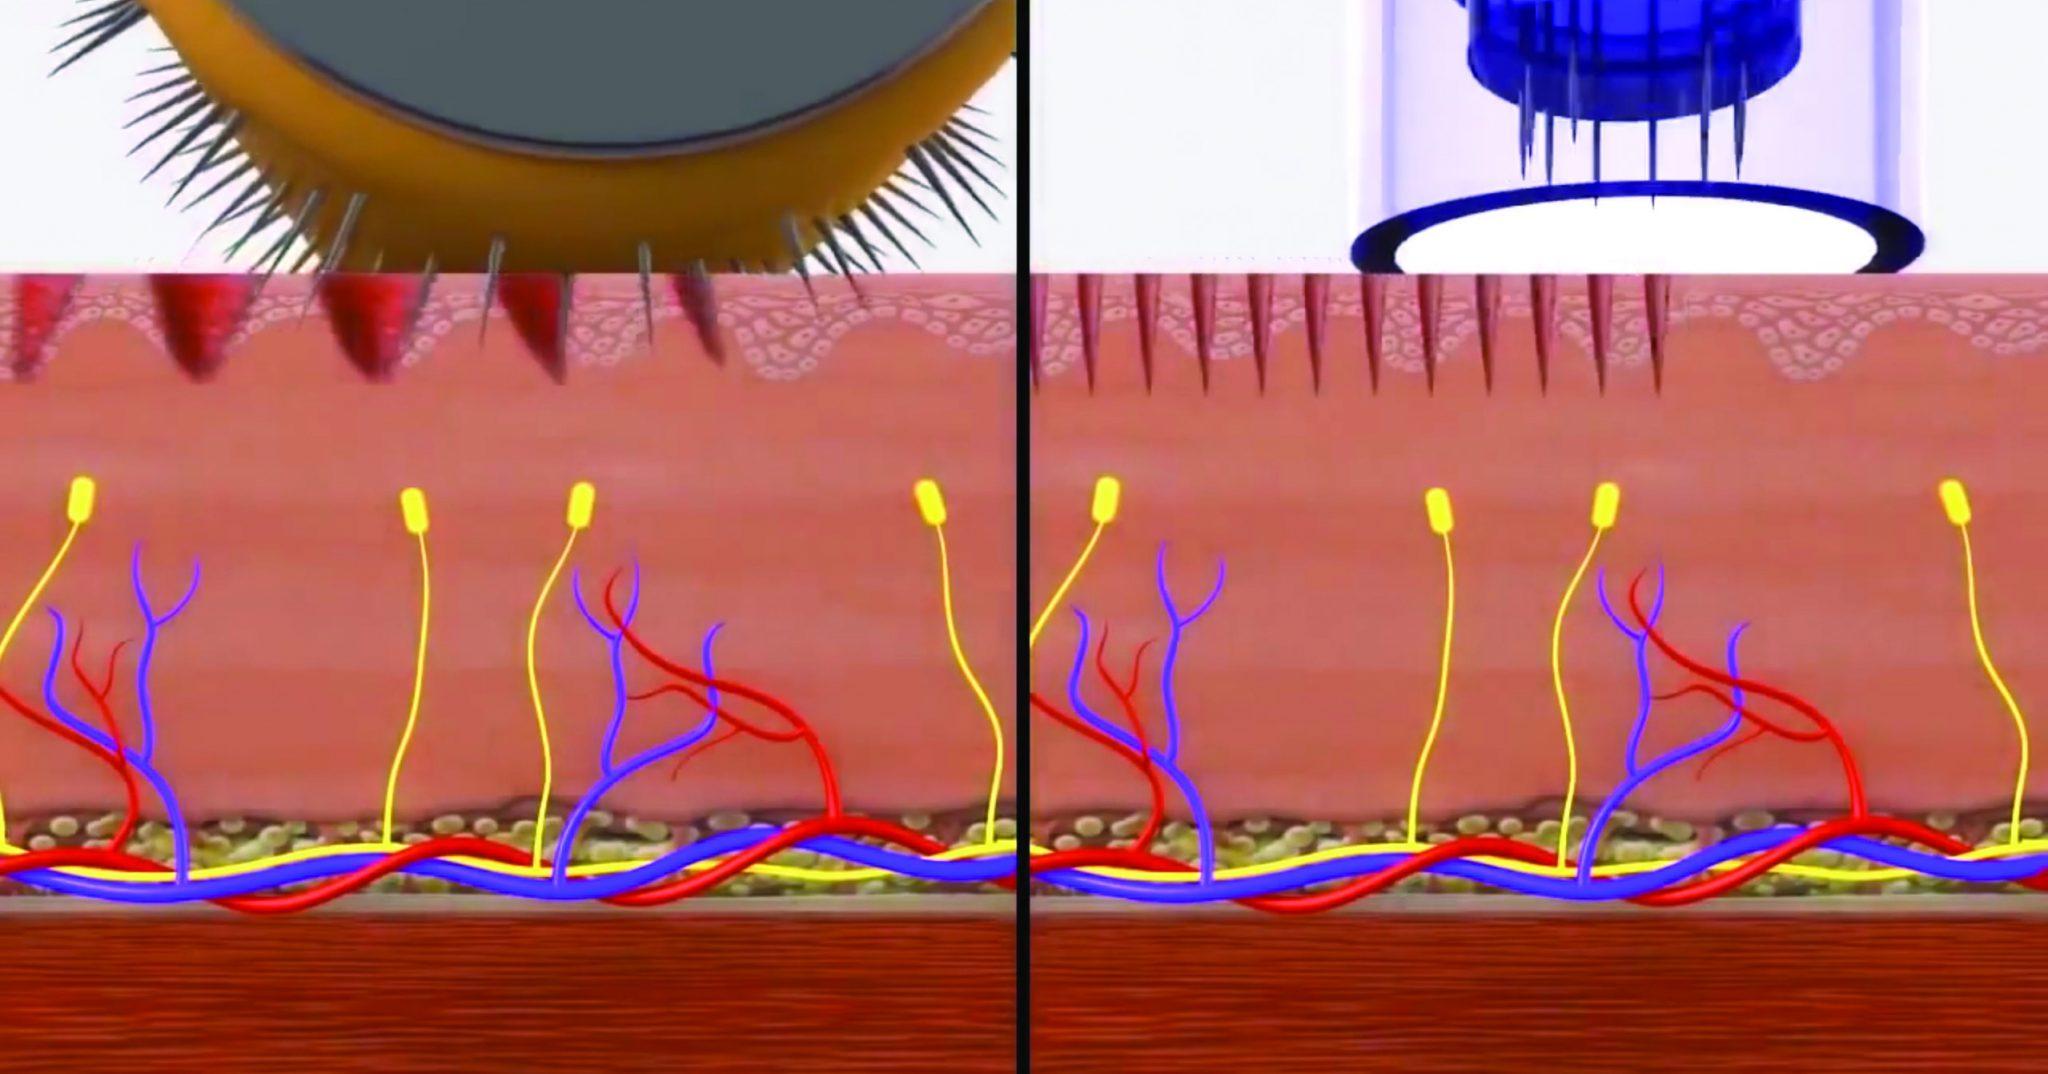 Derma Roller v Dermapen 1